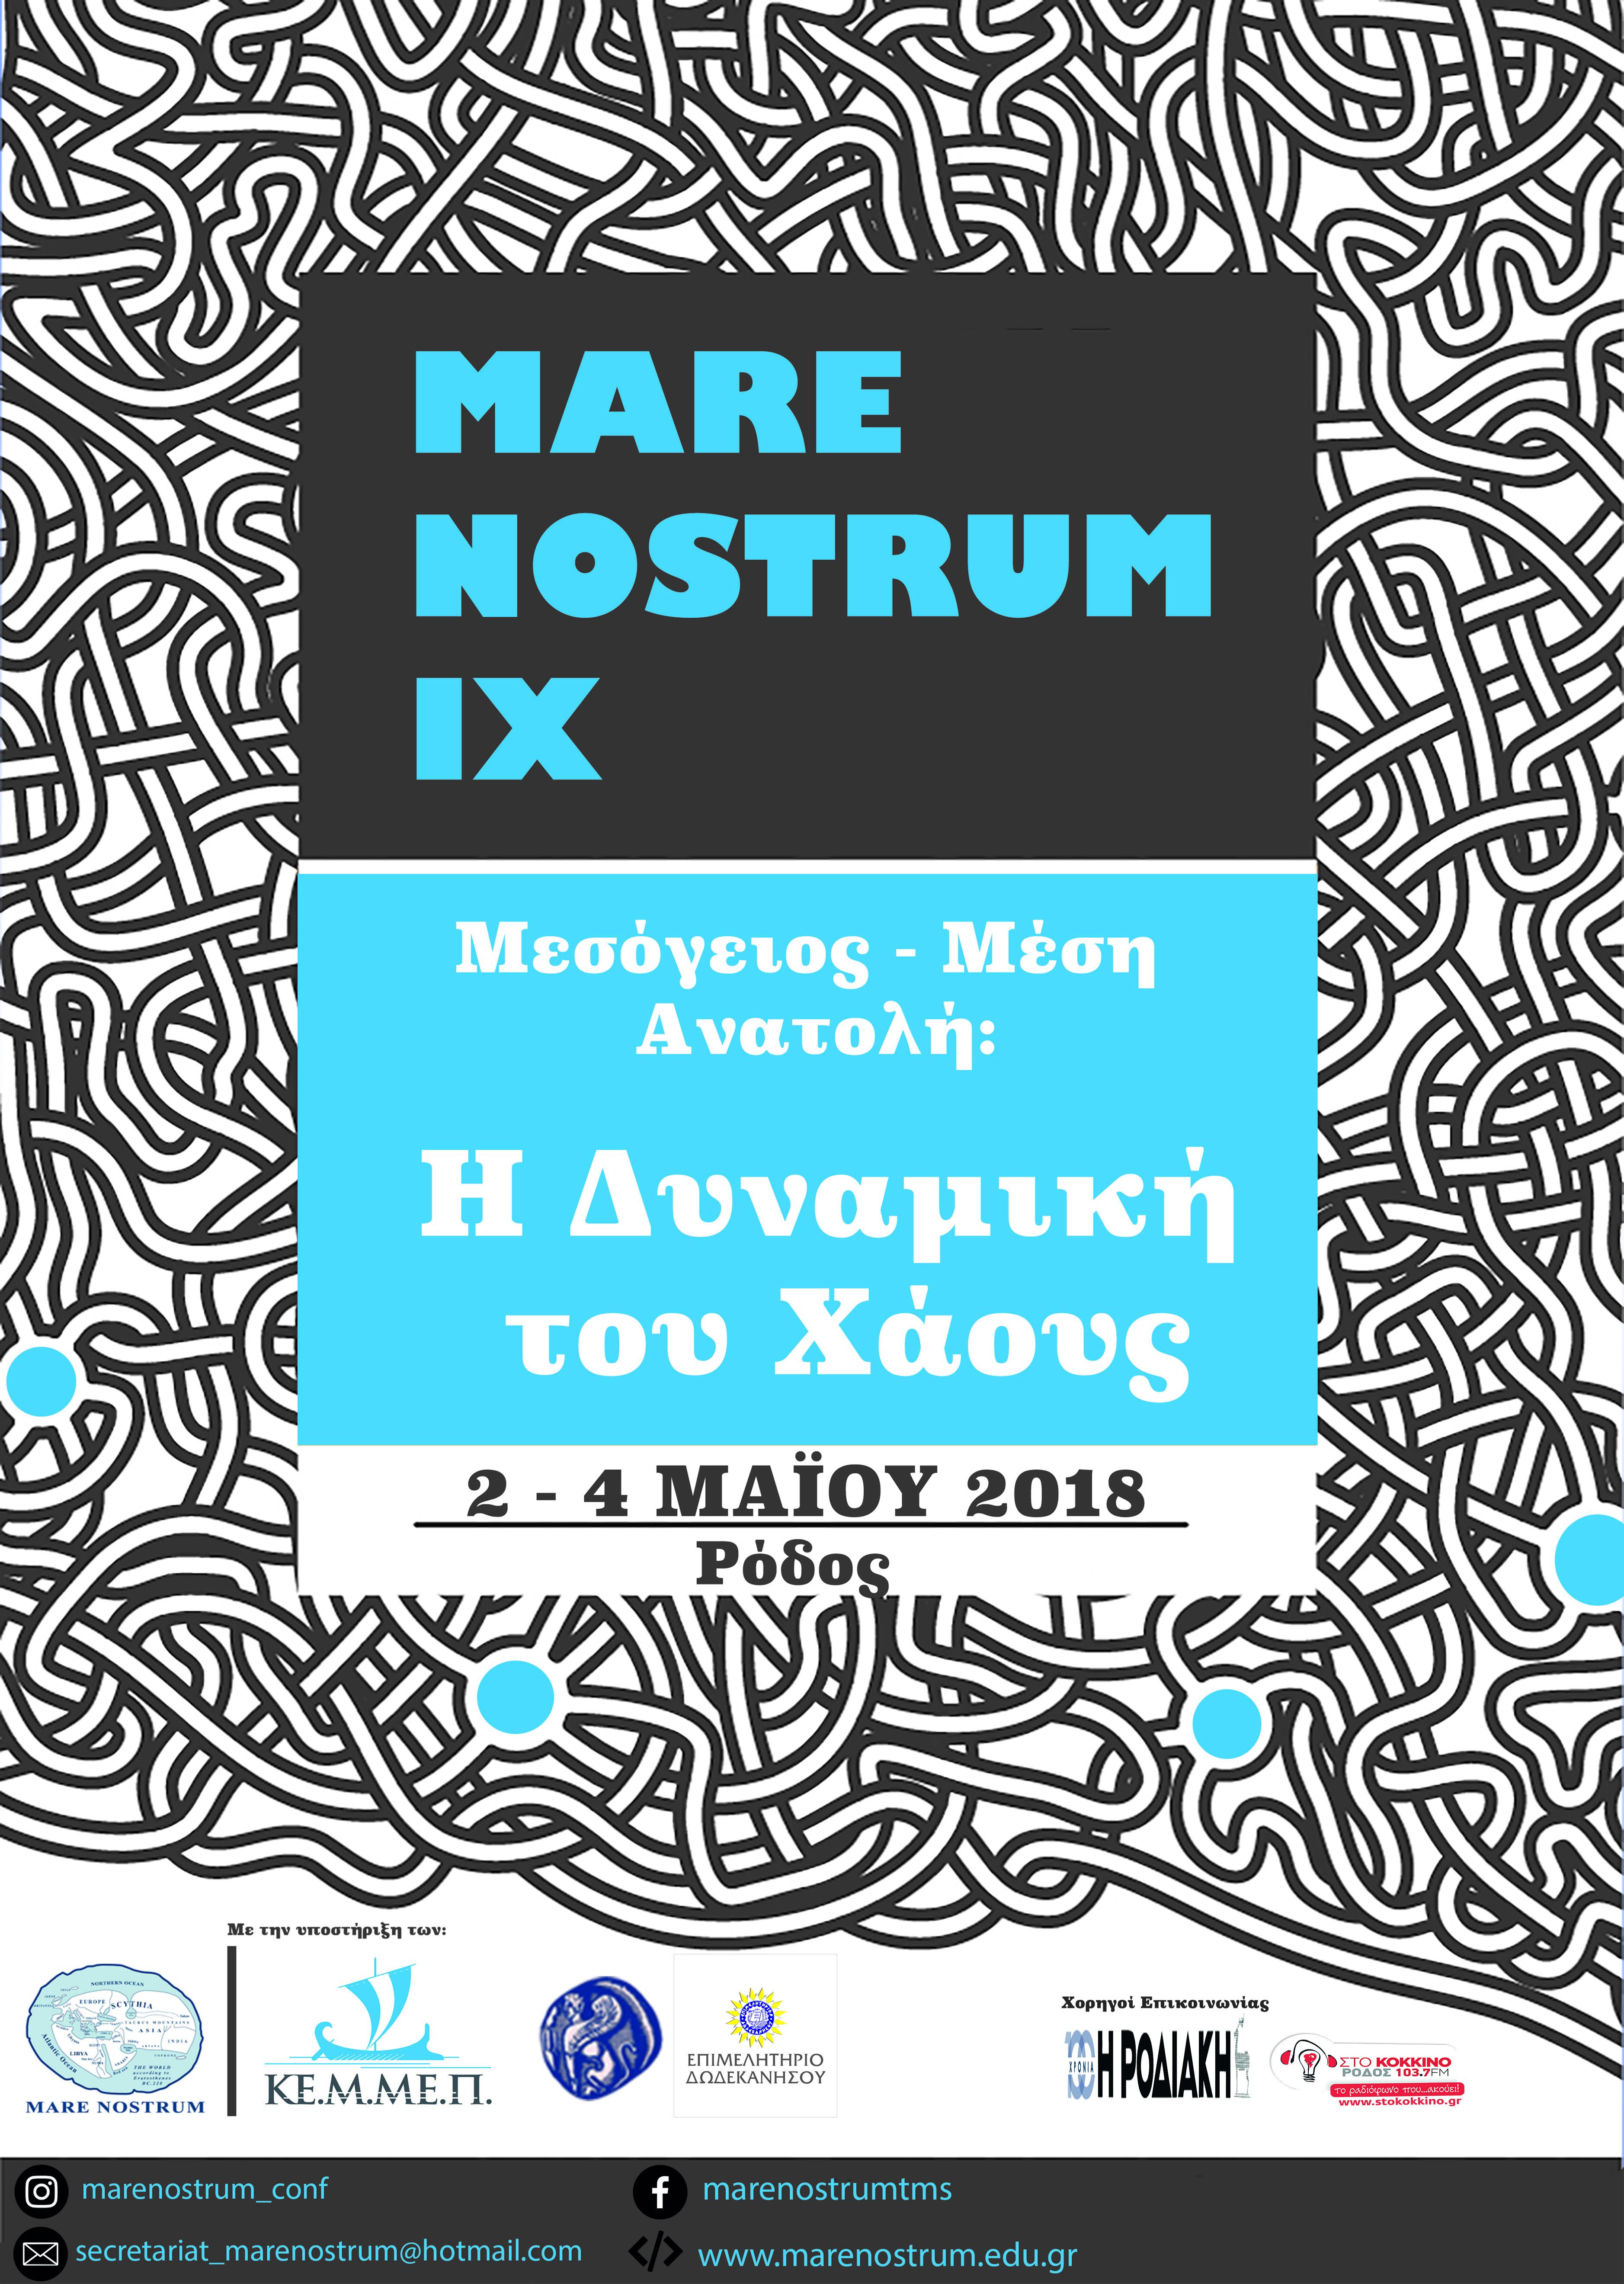 Η αφίσα του Mare Nostrum IX